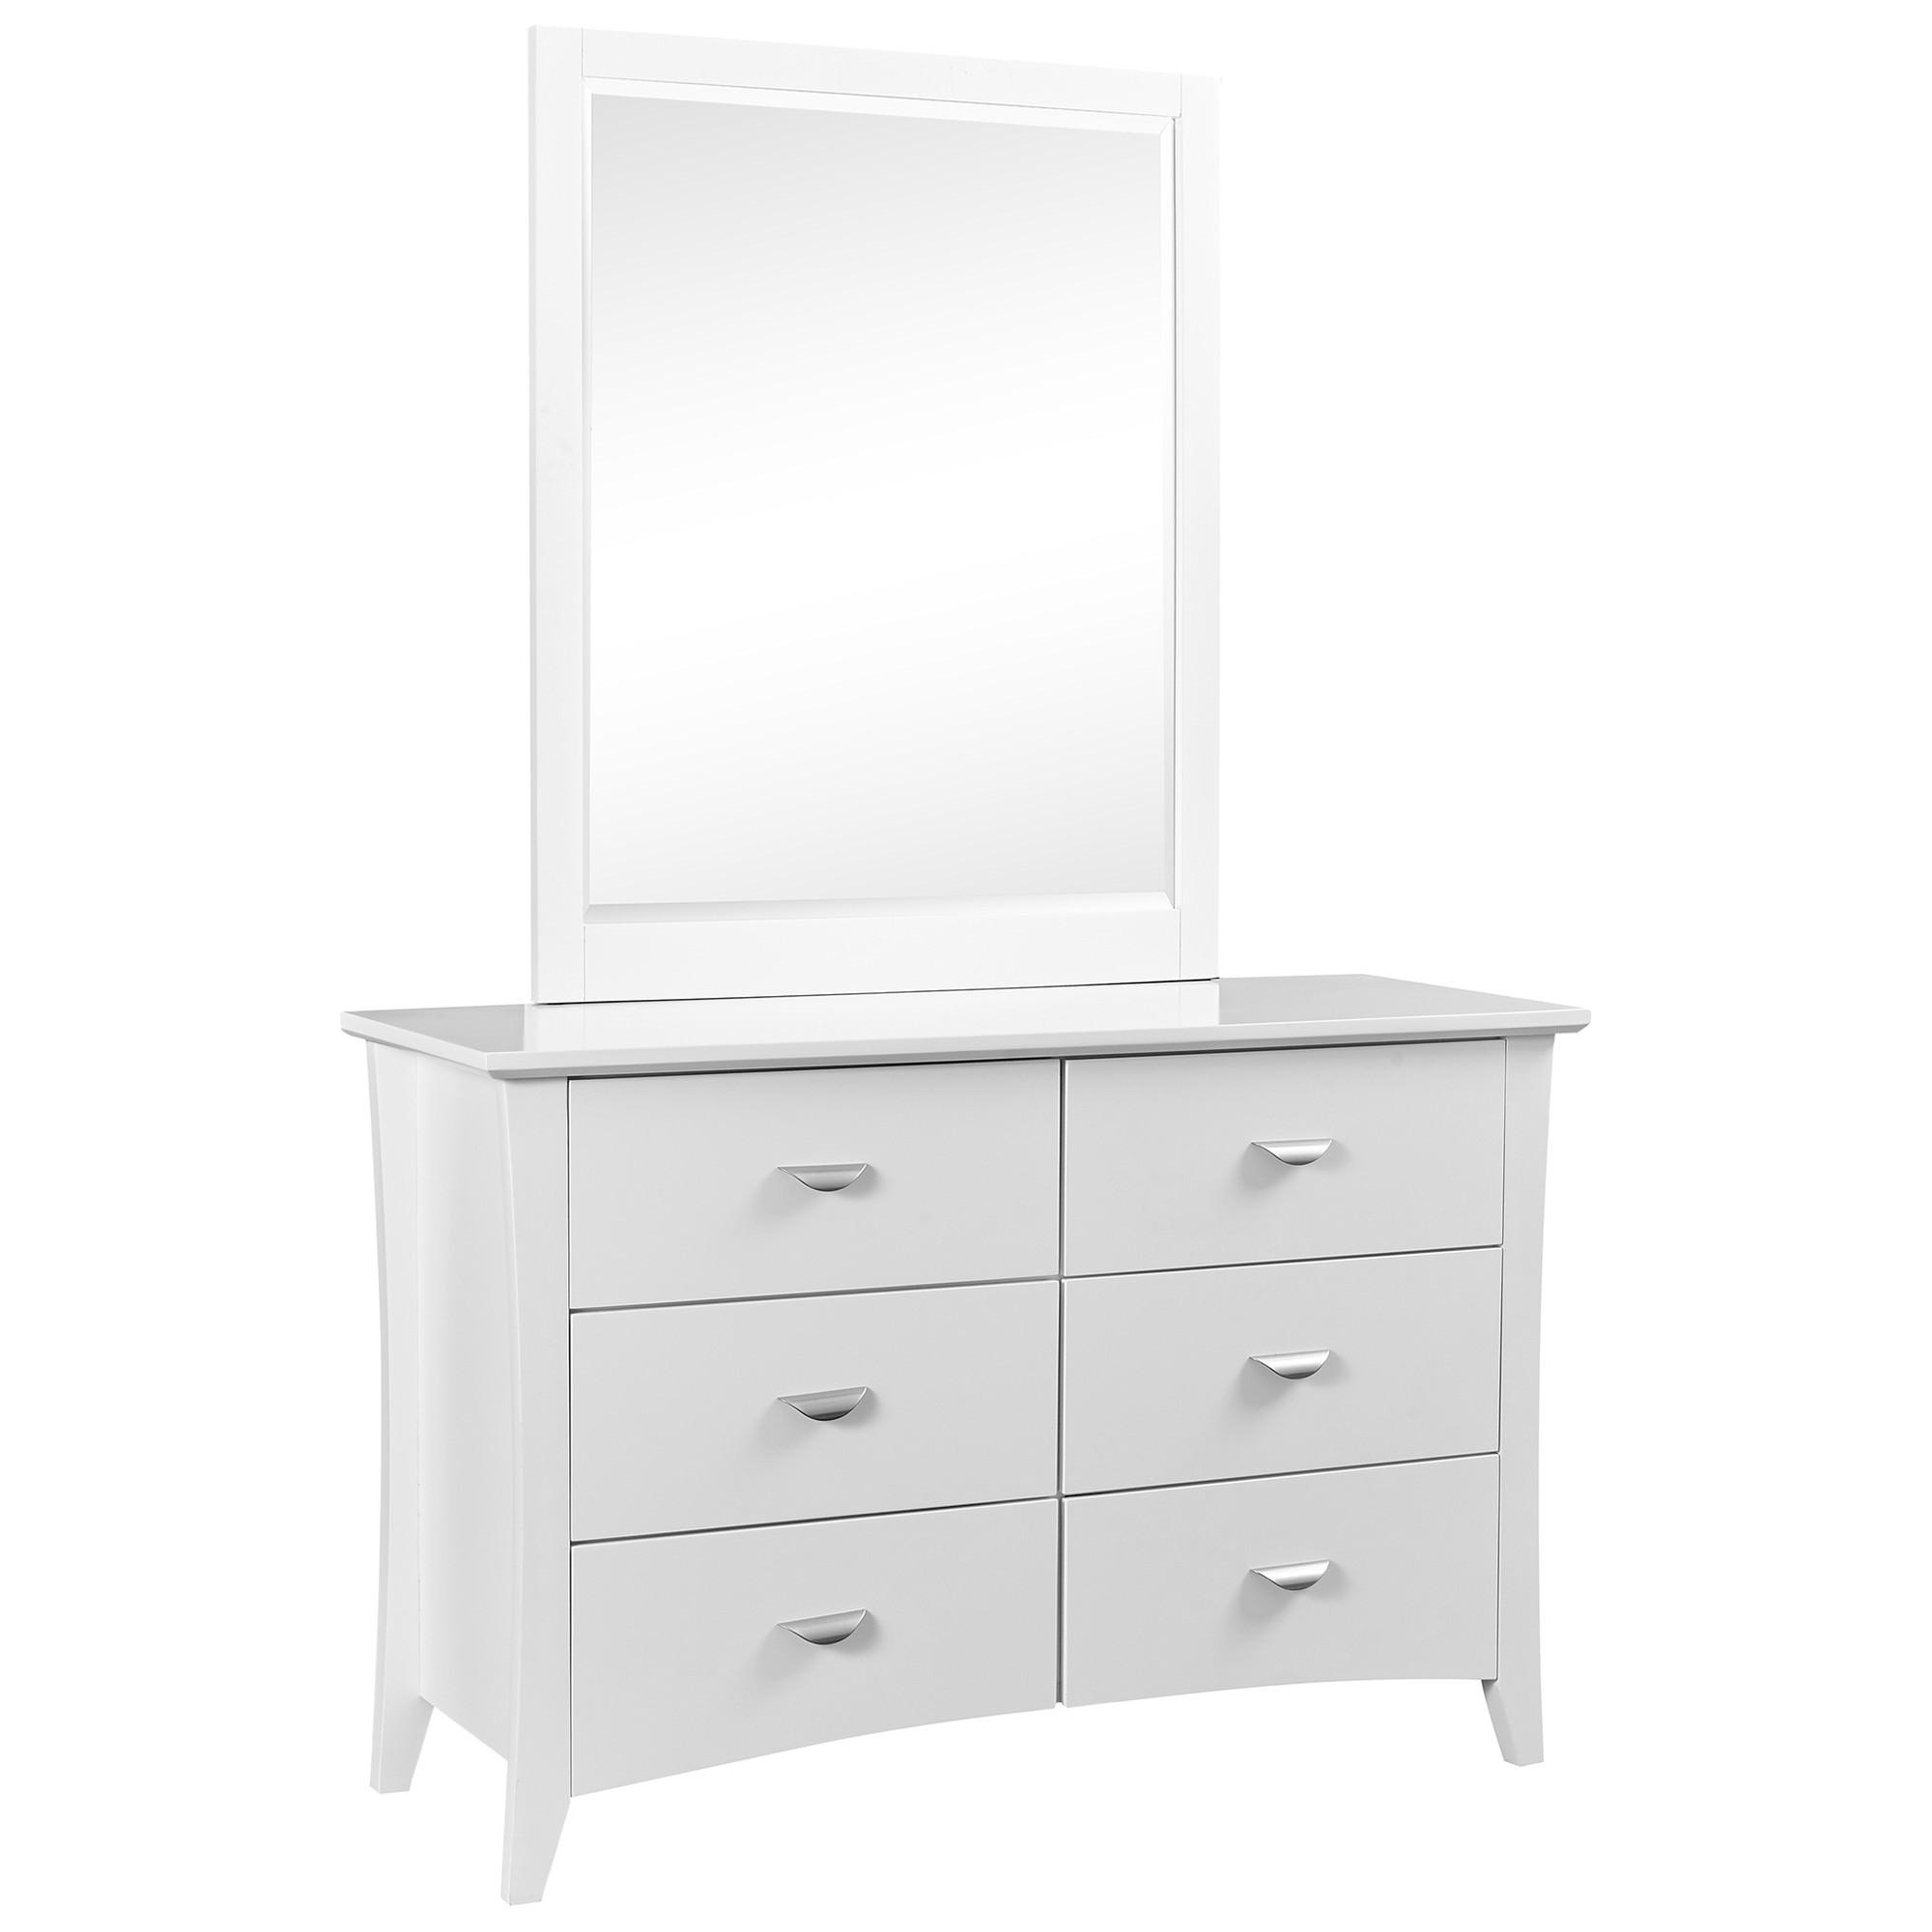 Milson Poplar Timber 6 Drawer Dresser, White